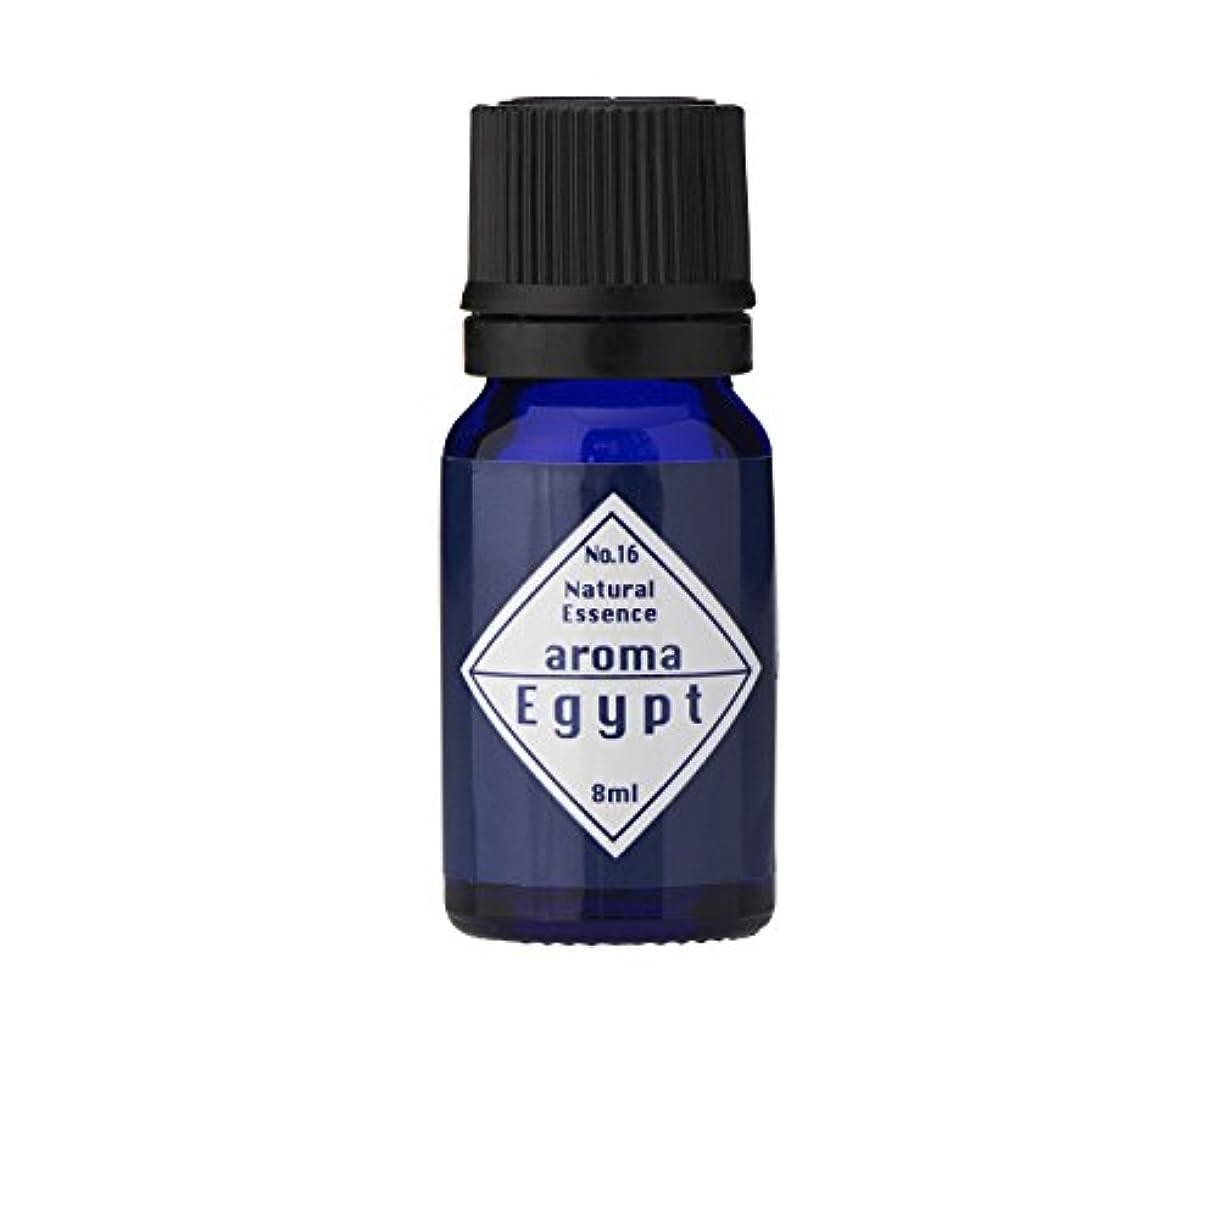 ロンドン蒸発するフレキシブルブルーラベル アロマエッセンス8ml エジプト(アロマオイル 調合香料 芳香用)